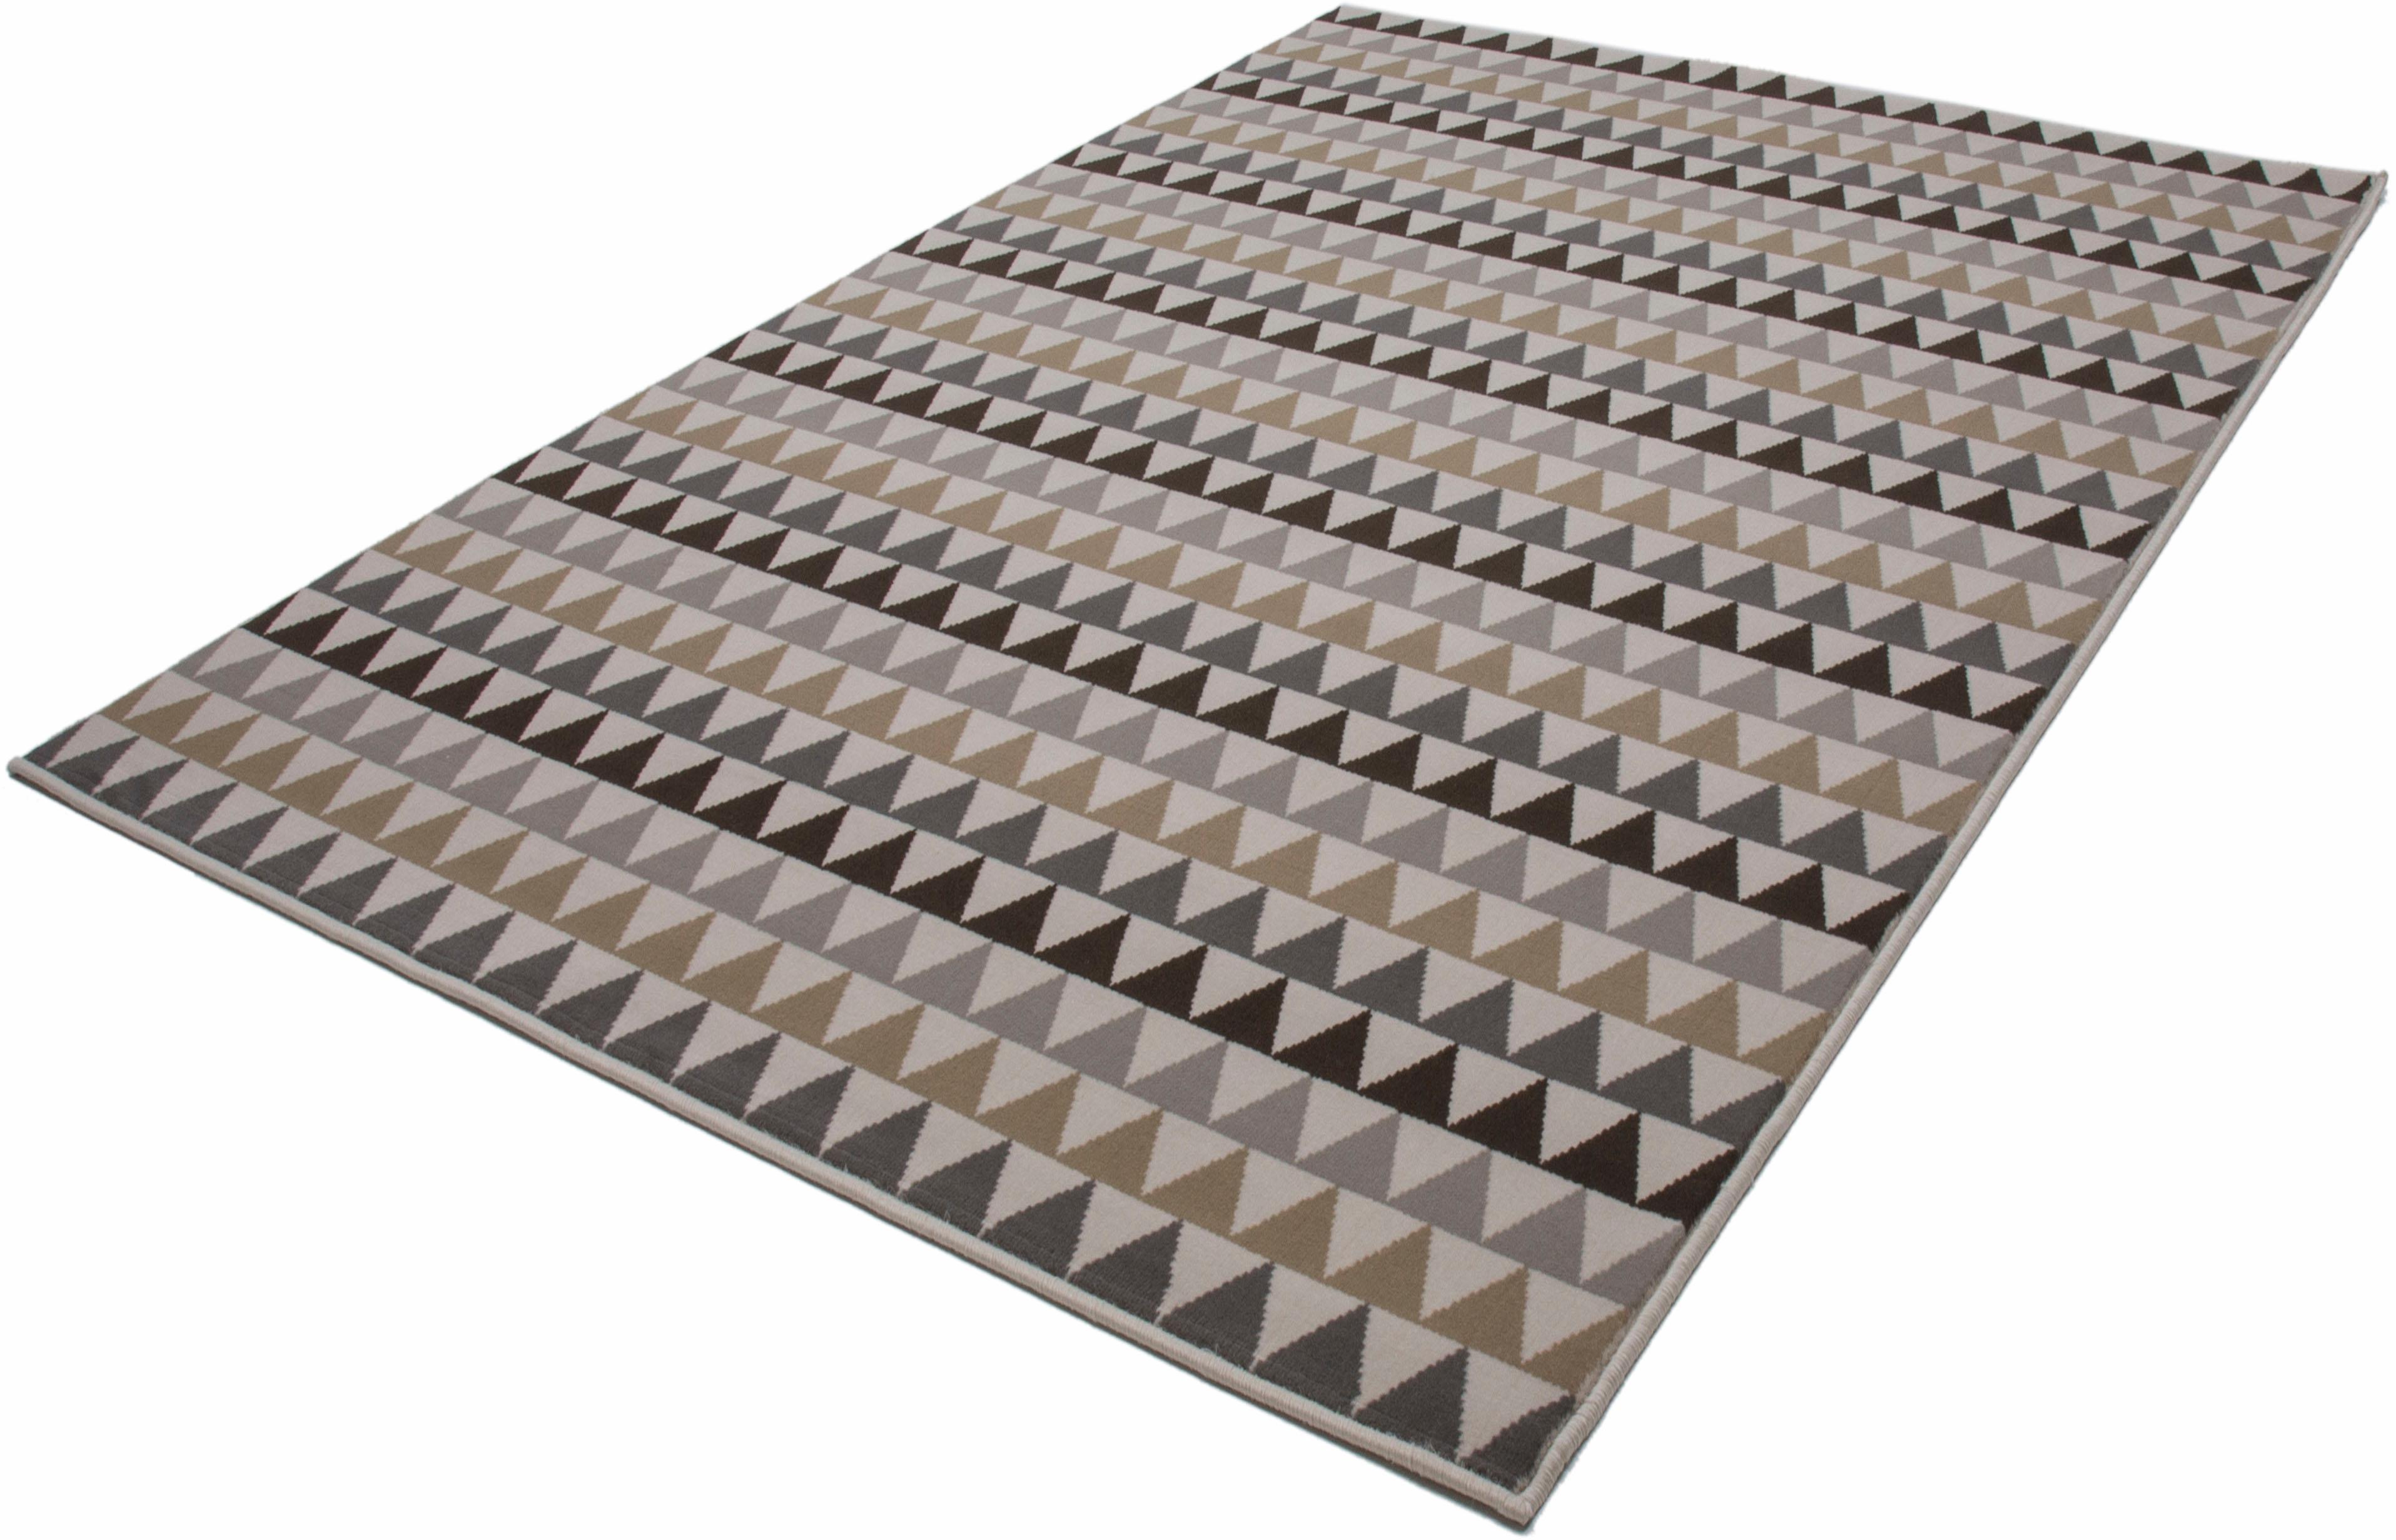 Teppich Now! 500 Kayoom rechteckig Höhe 10 mm